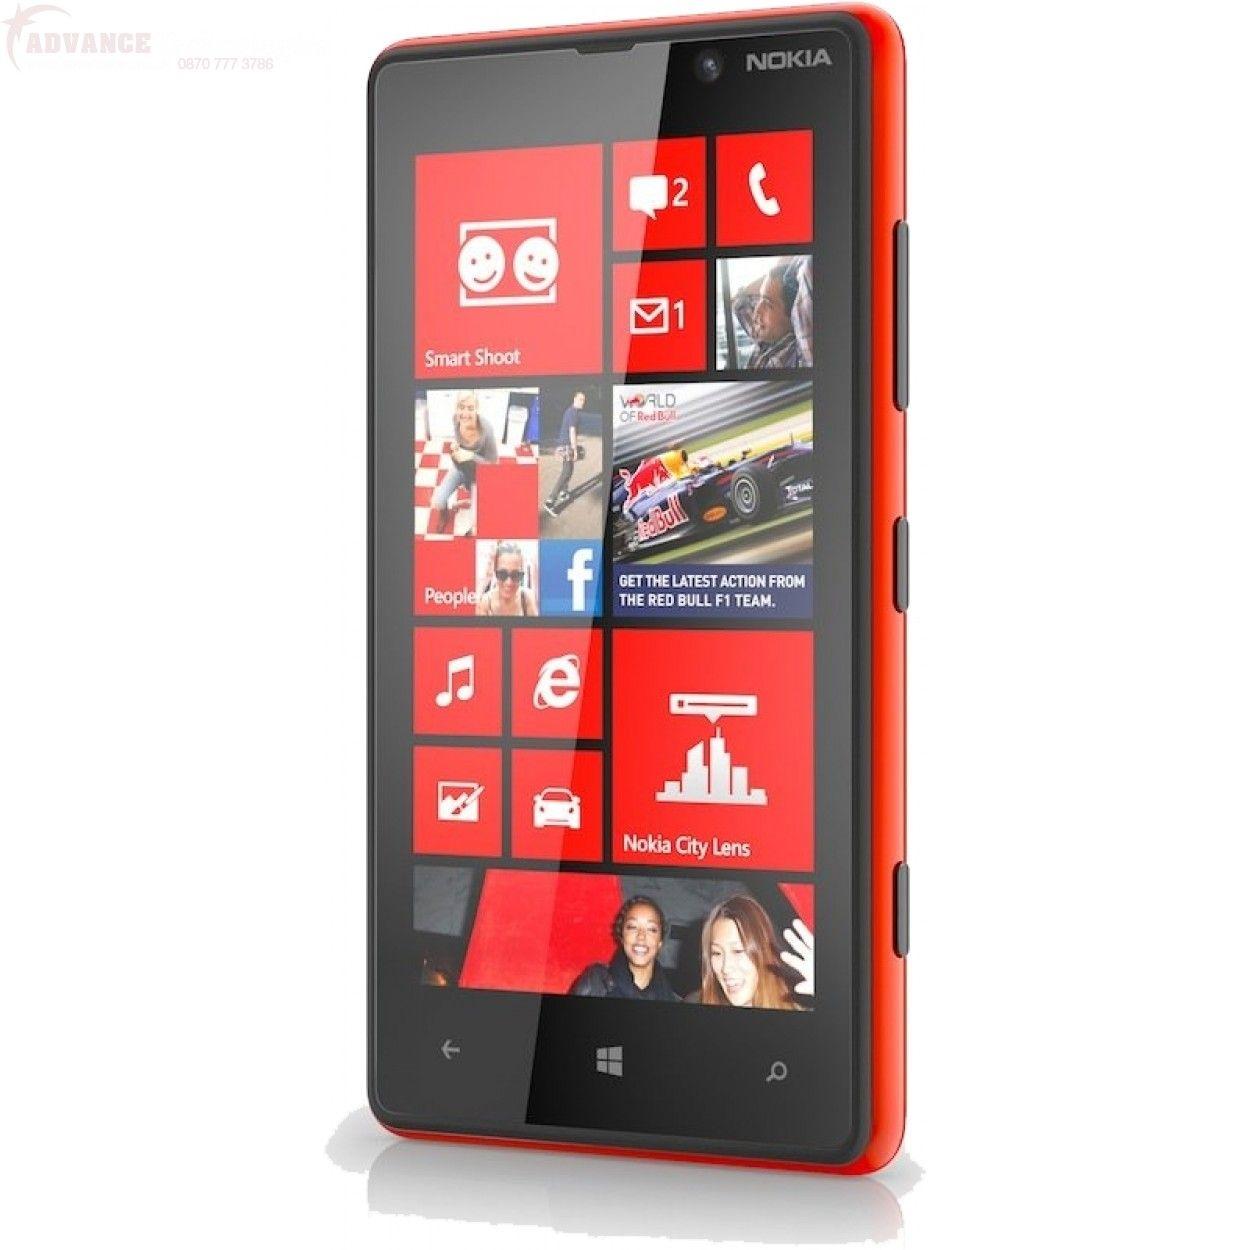 nokia lumia windows phone (con imágenes) Teléfono windows